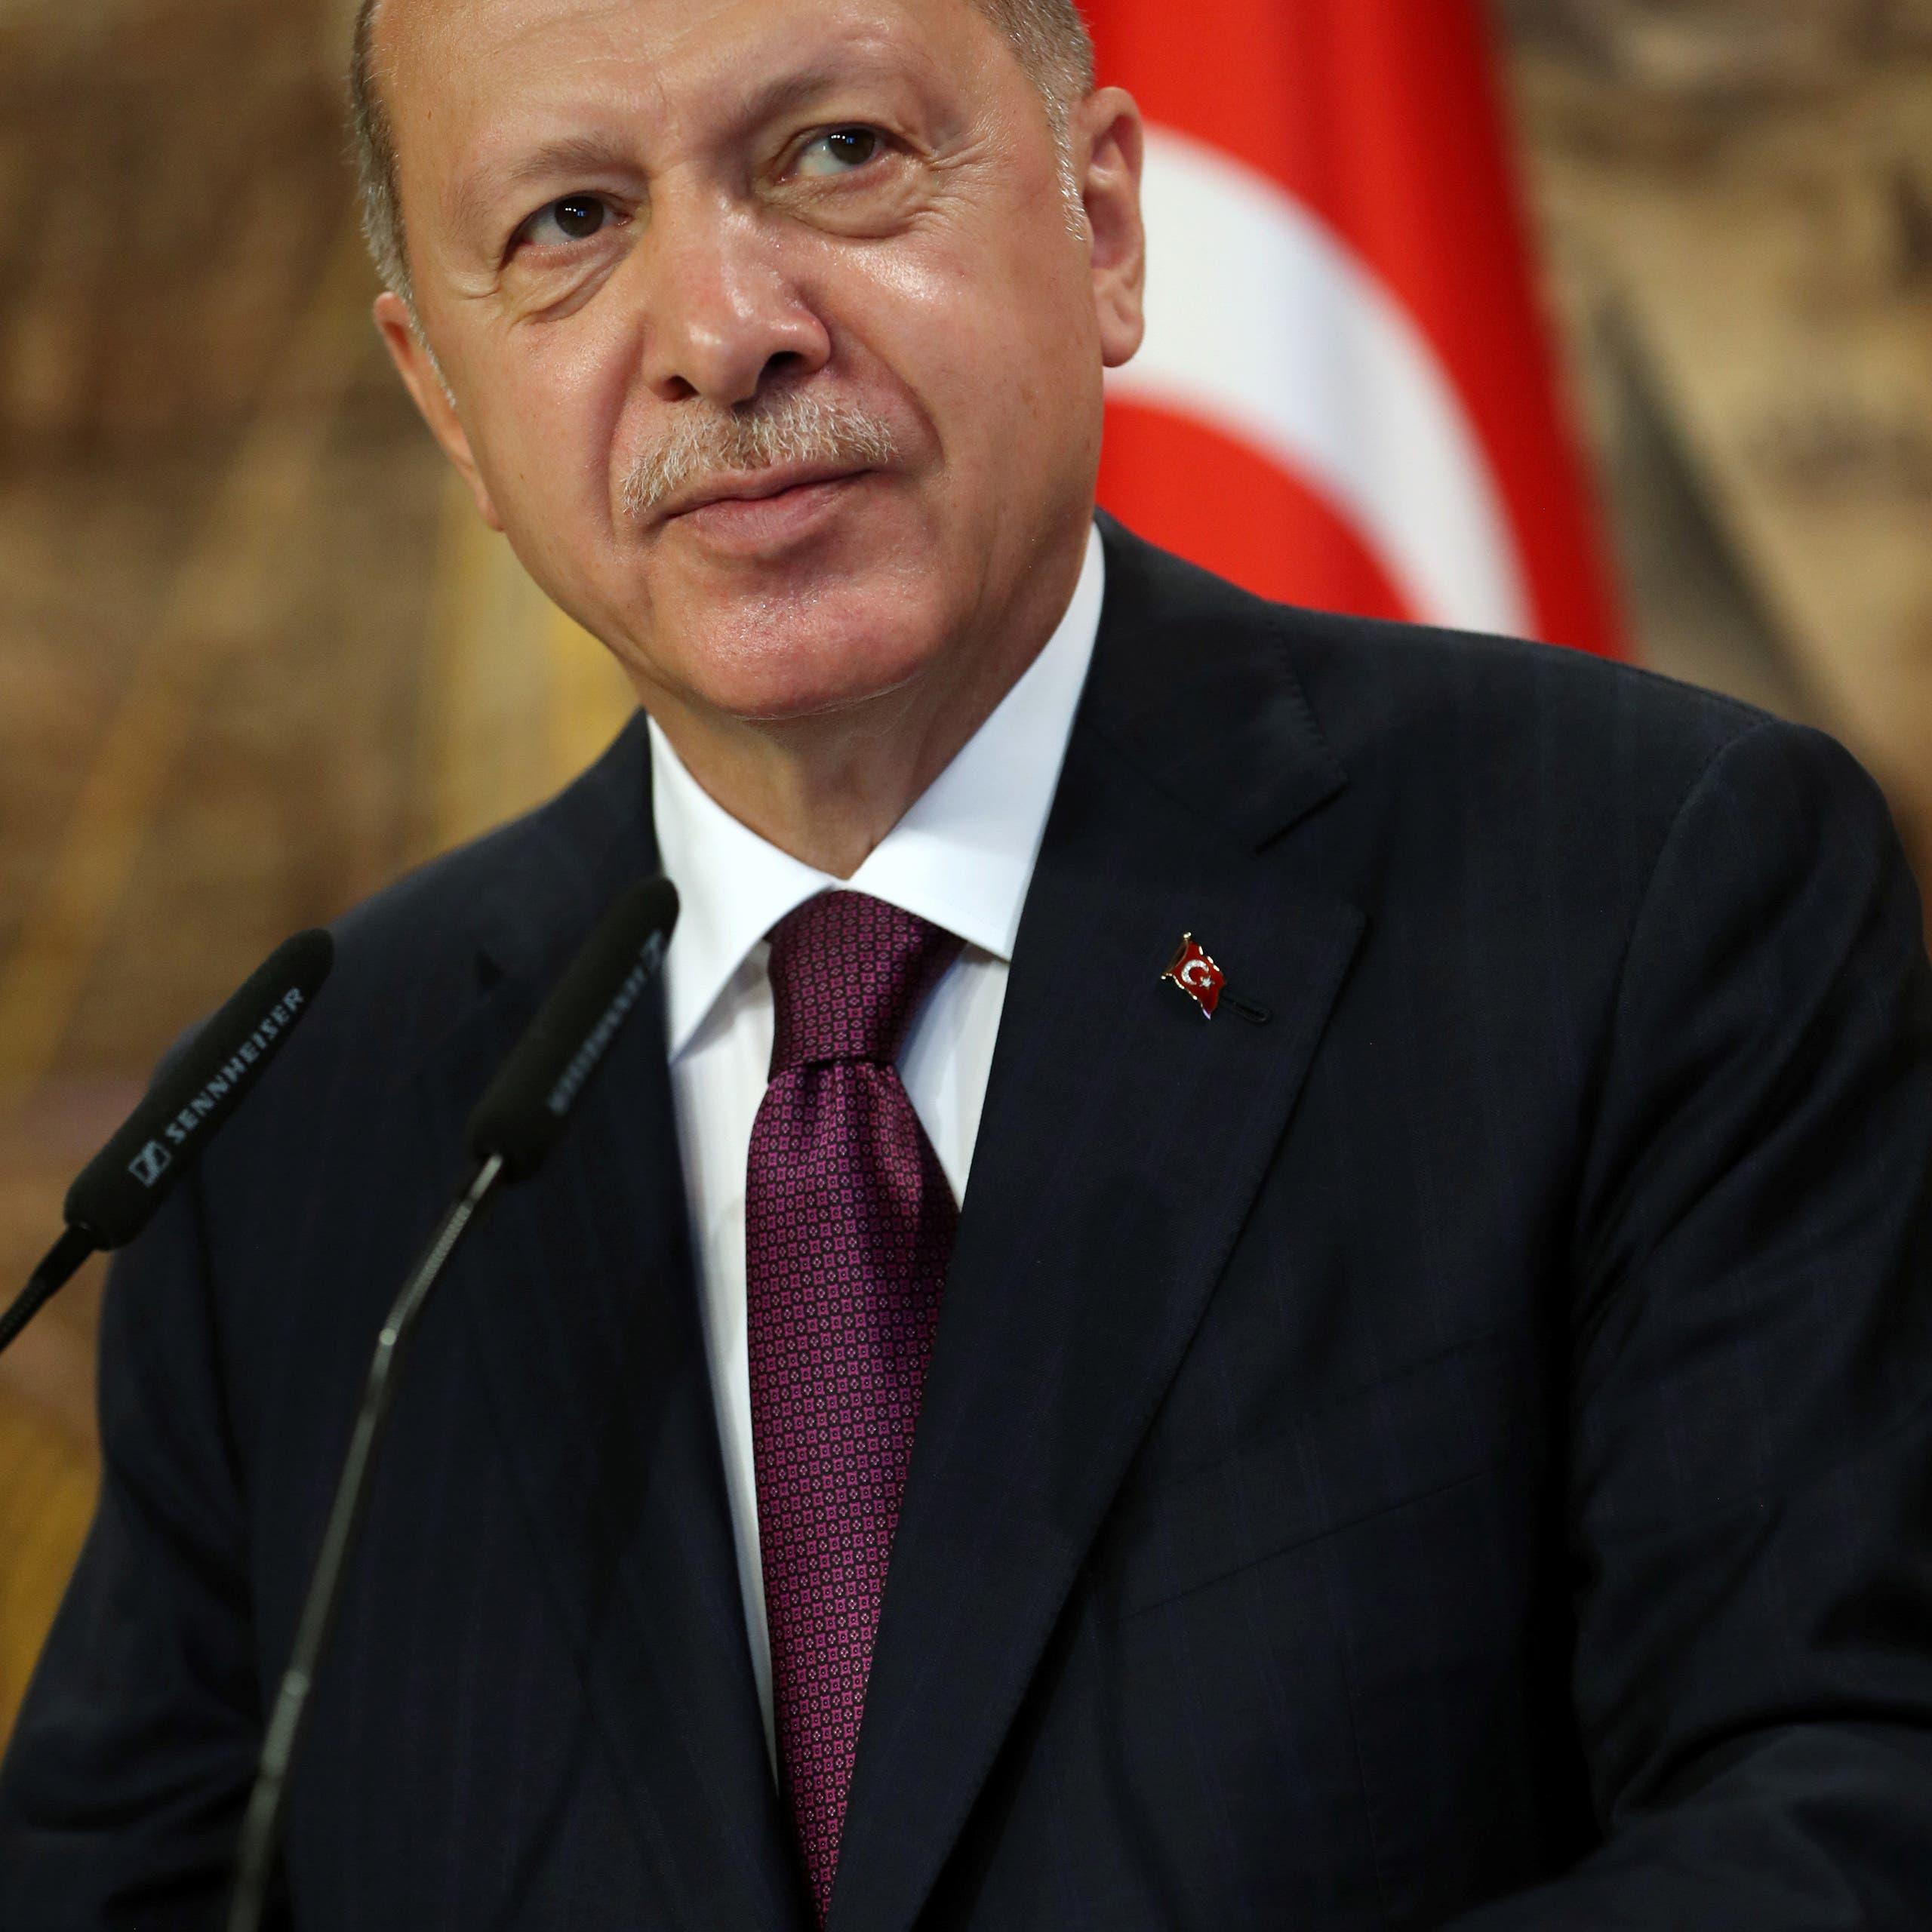 باباجان: حكومة أردوغان لن تصمد حتى 2023